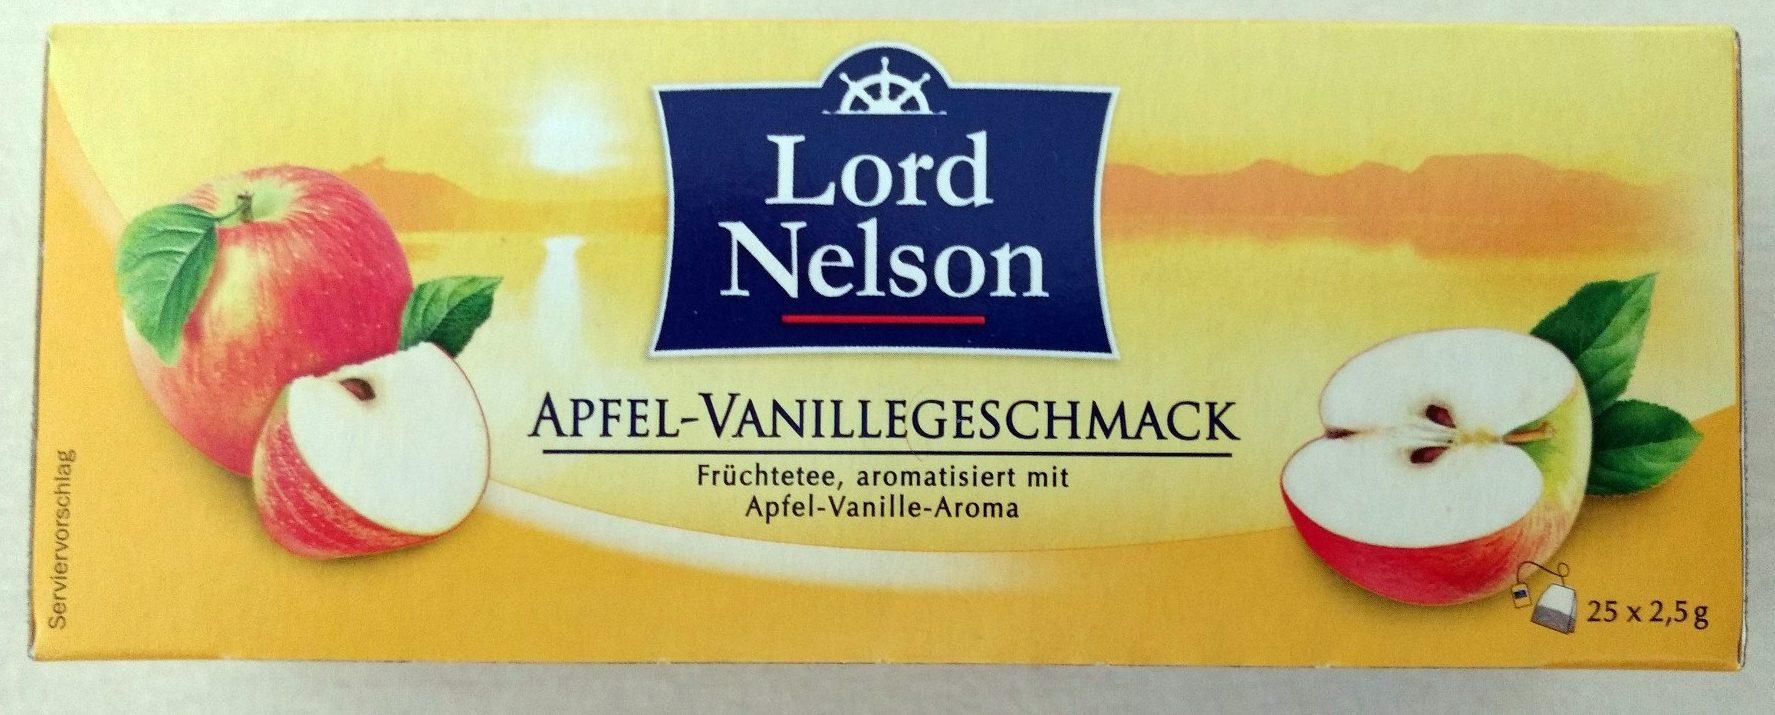 Apfel-Vanillegeschmack-Tee - Product - de